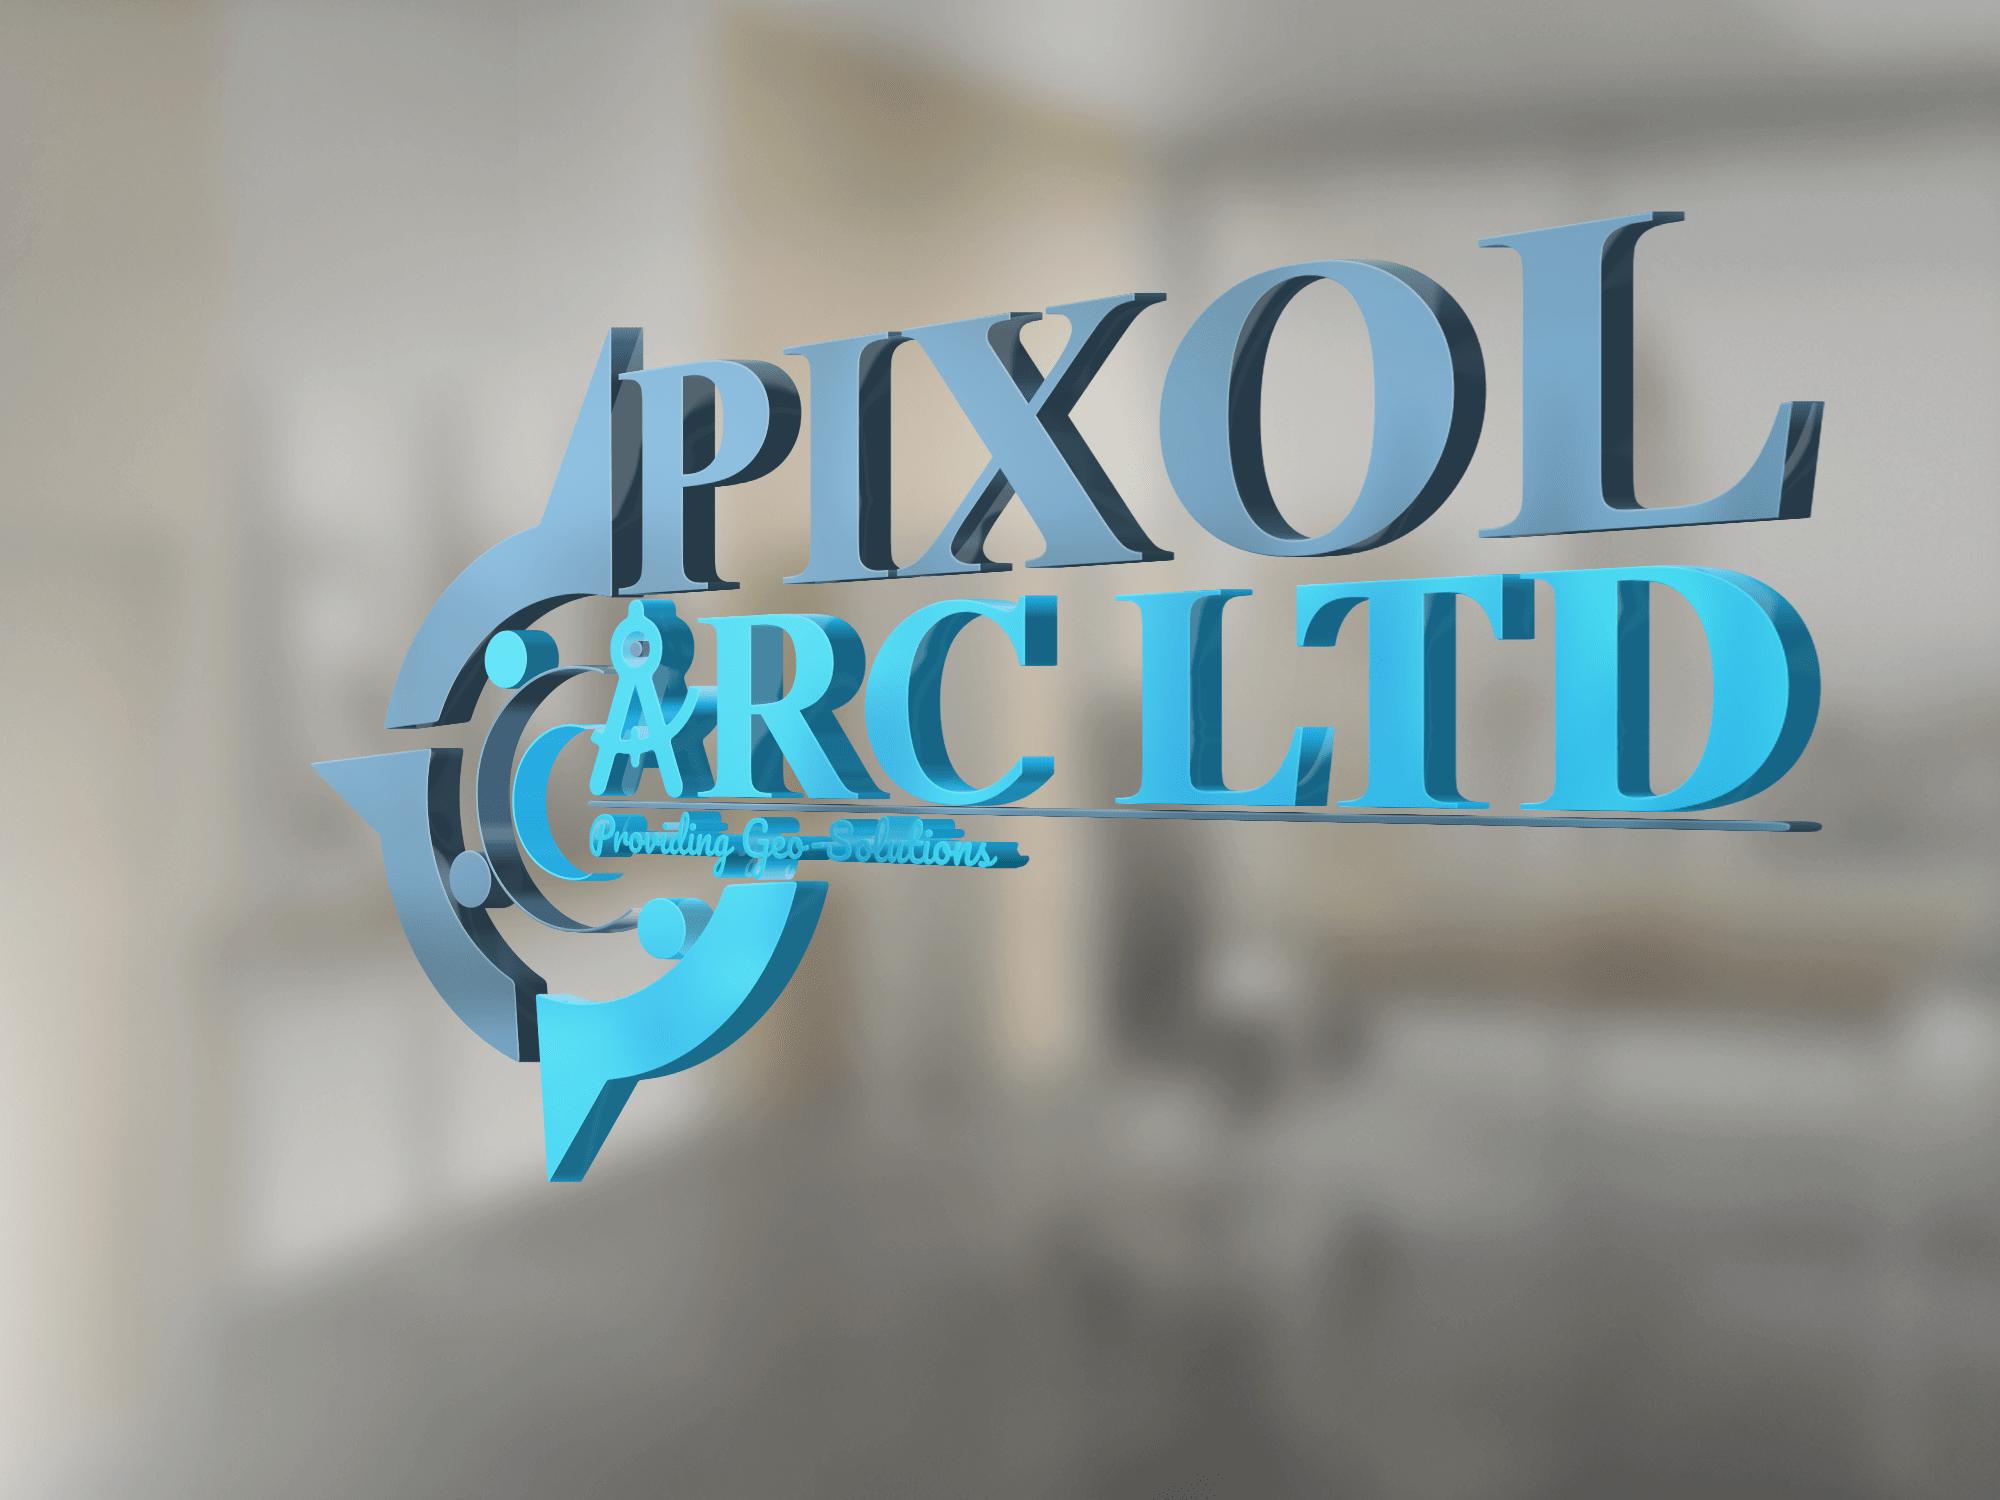 Pixol Arc Wall 1-min